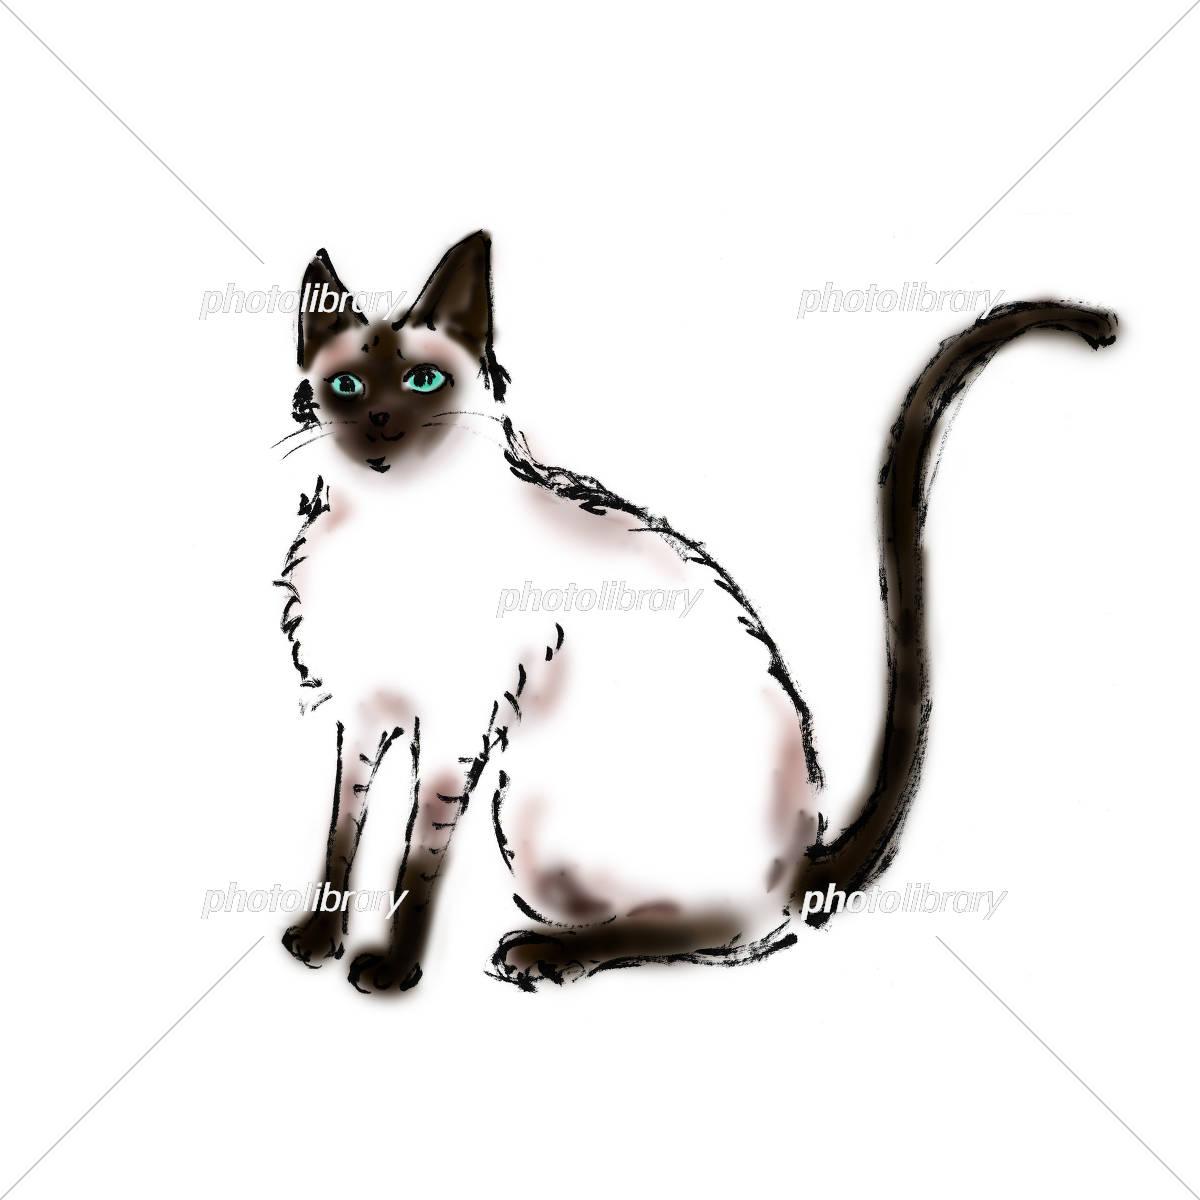 シャム猫 イラスト素材 5464293 フォトライブラリー Photolibrary